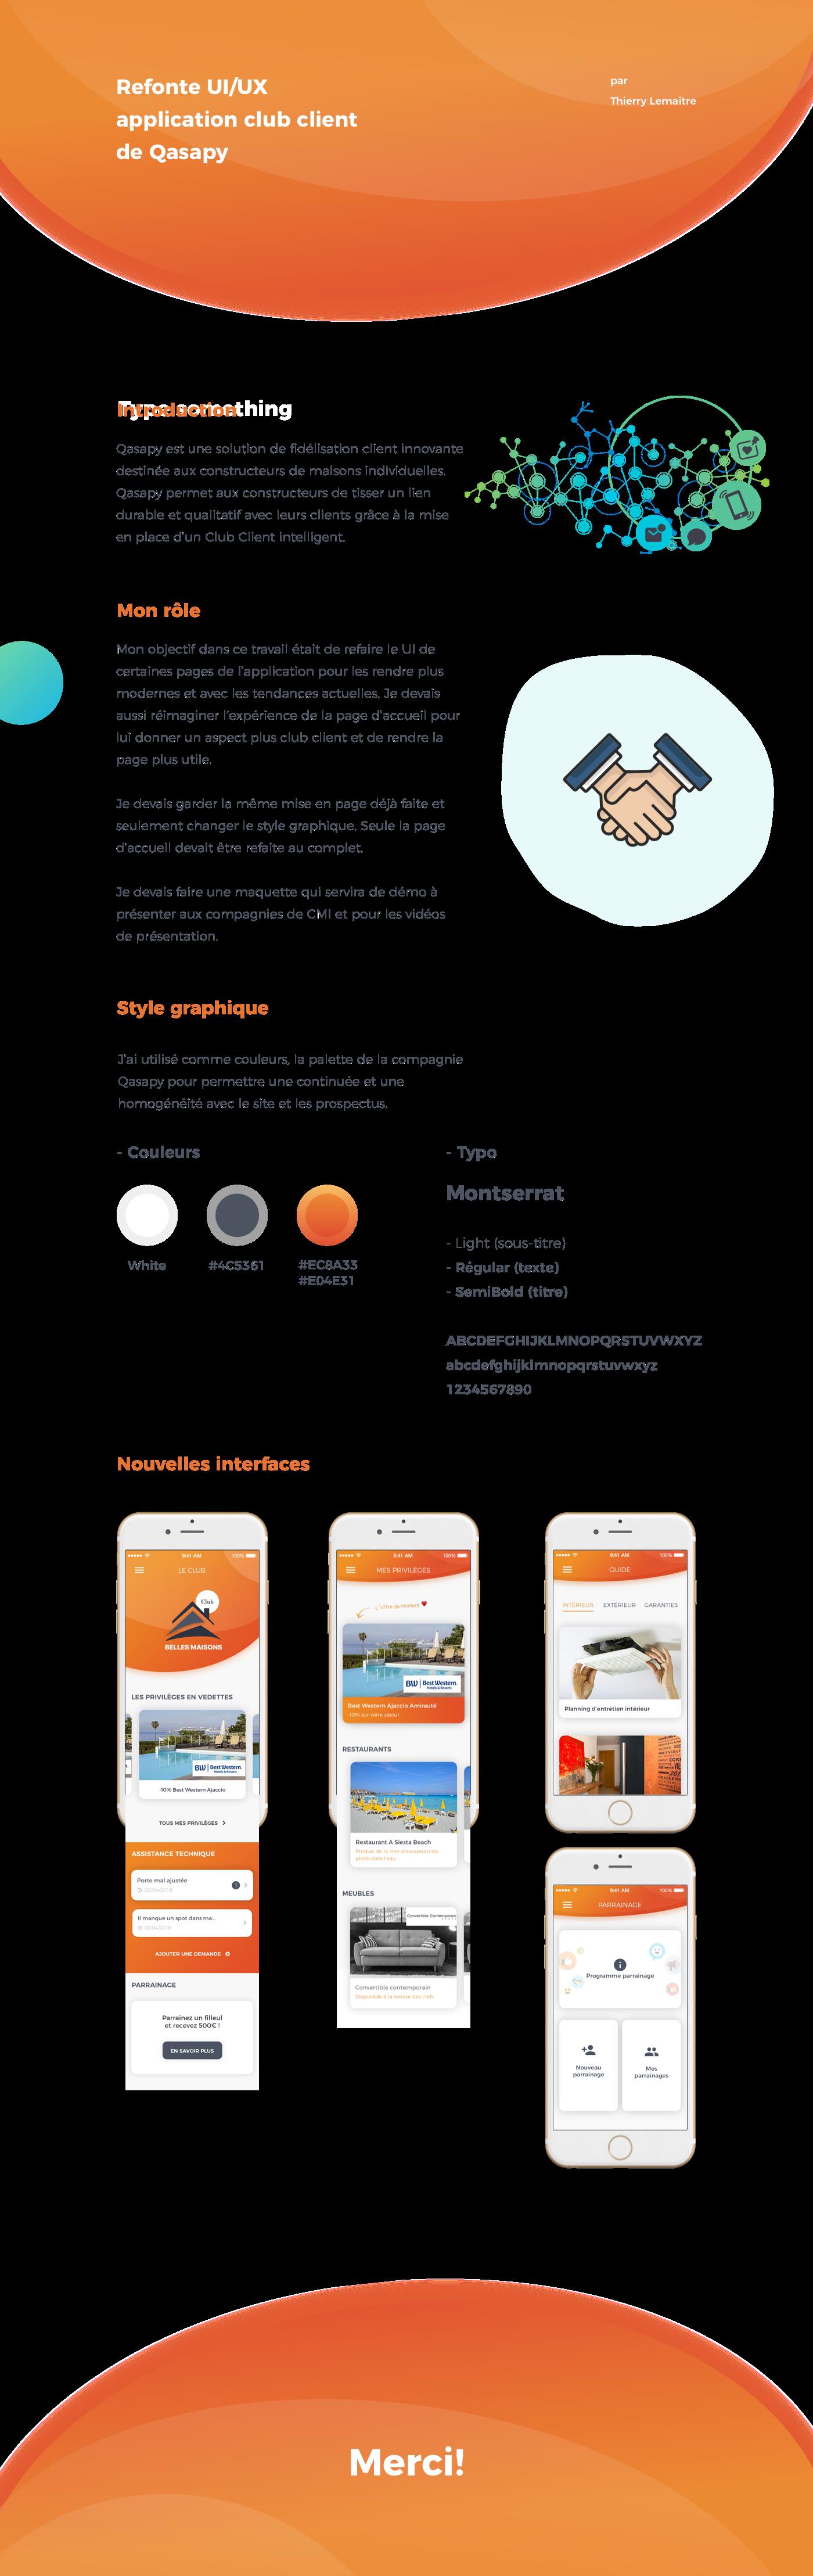 UI/UX club client refonte graphique app design